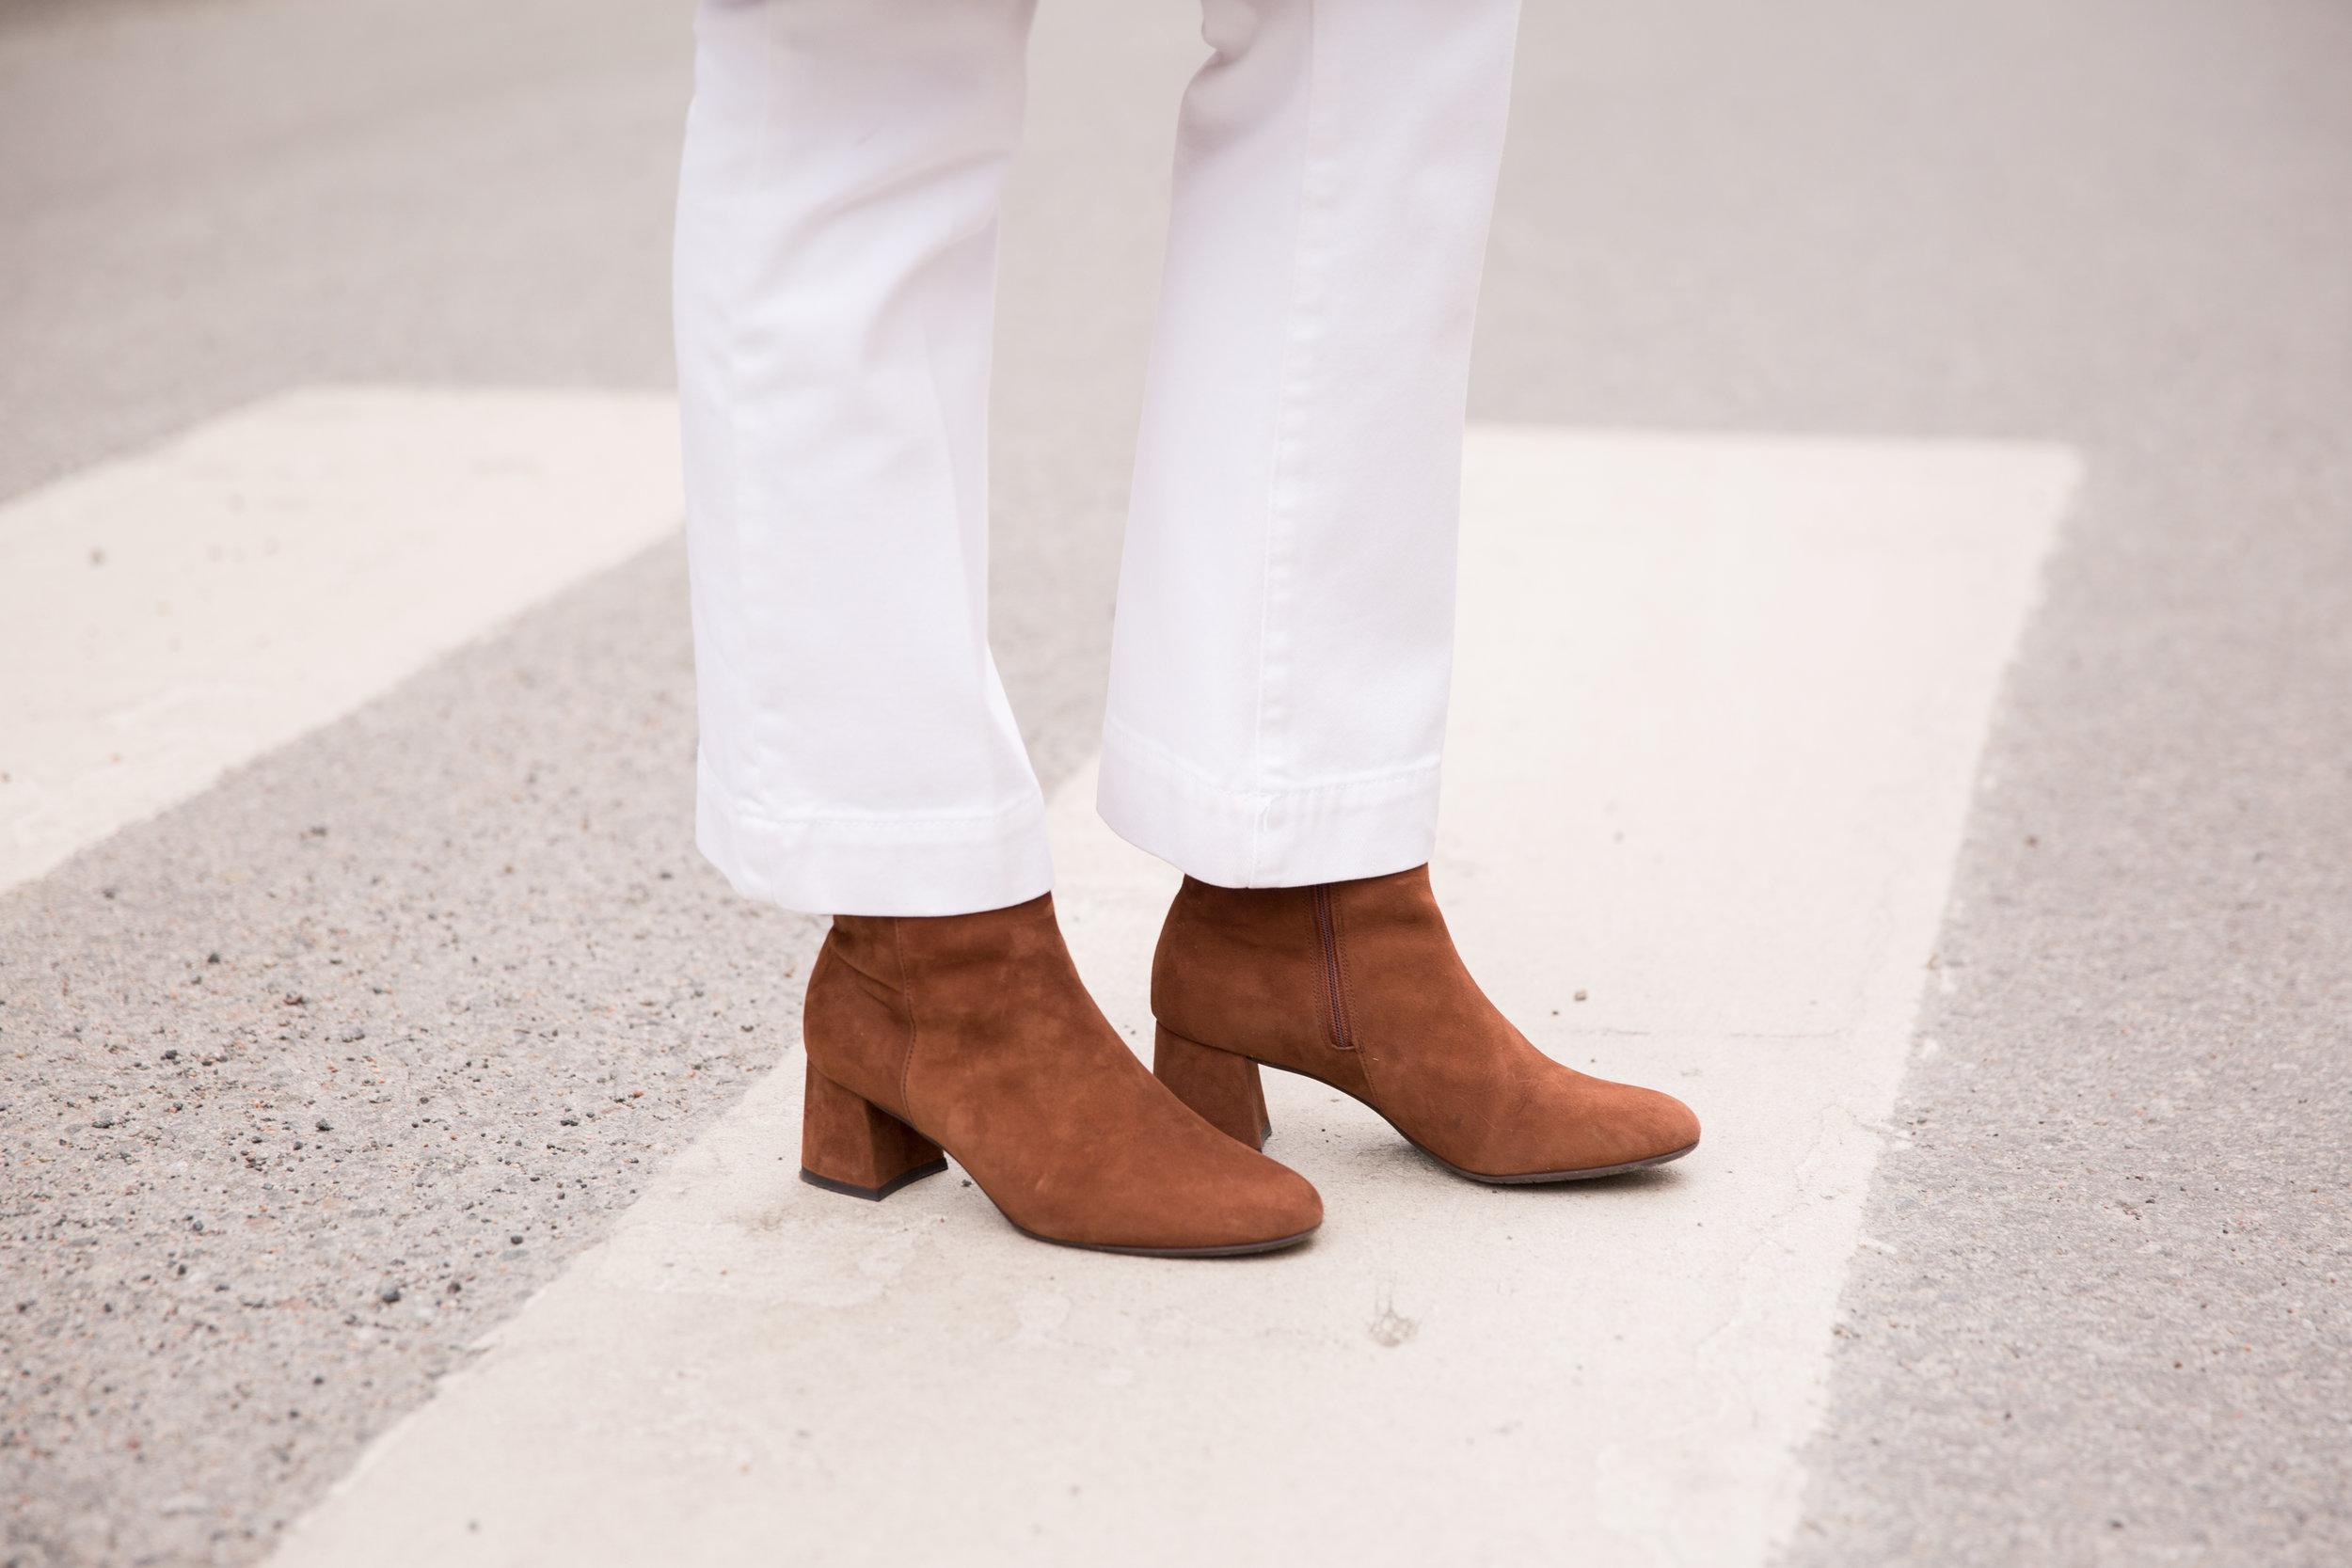 vita byxor DAY peter kaiser boots.jpg